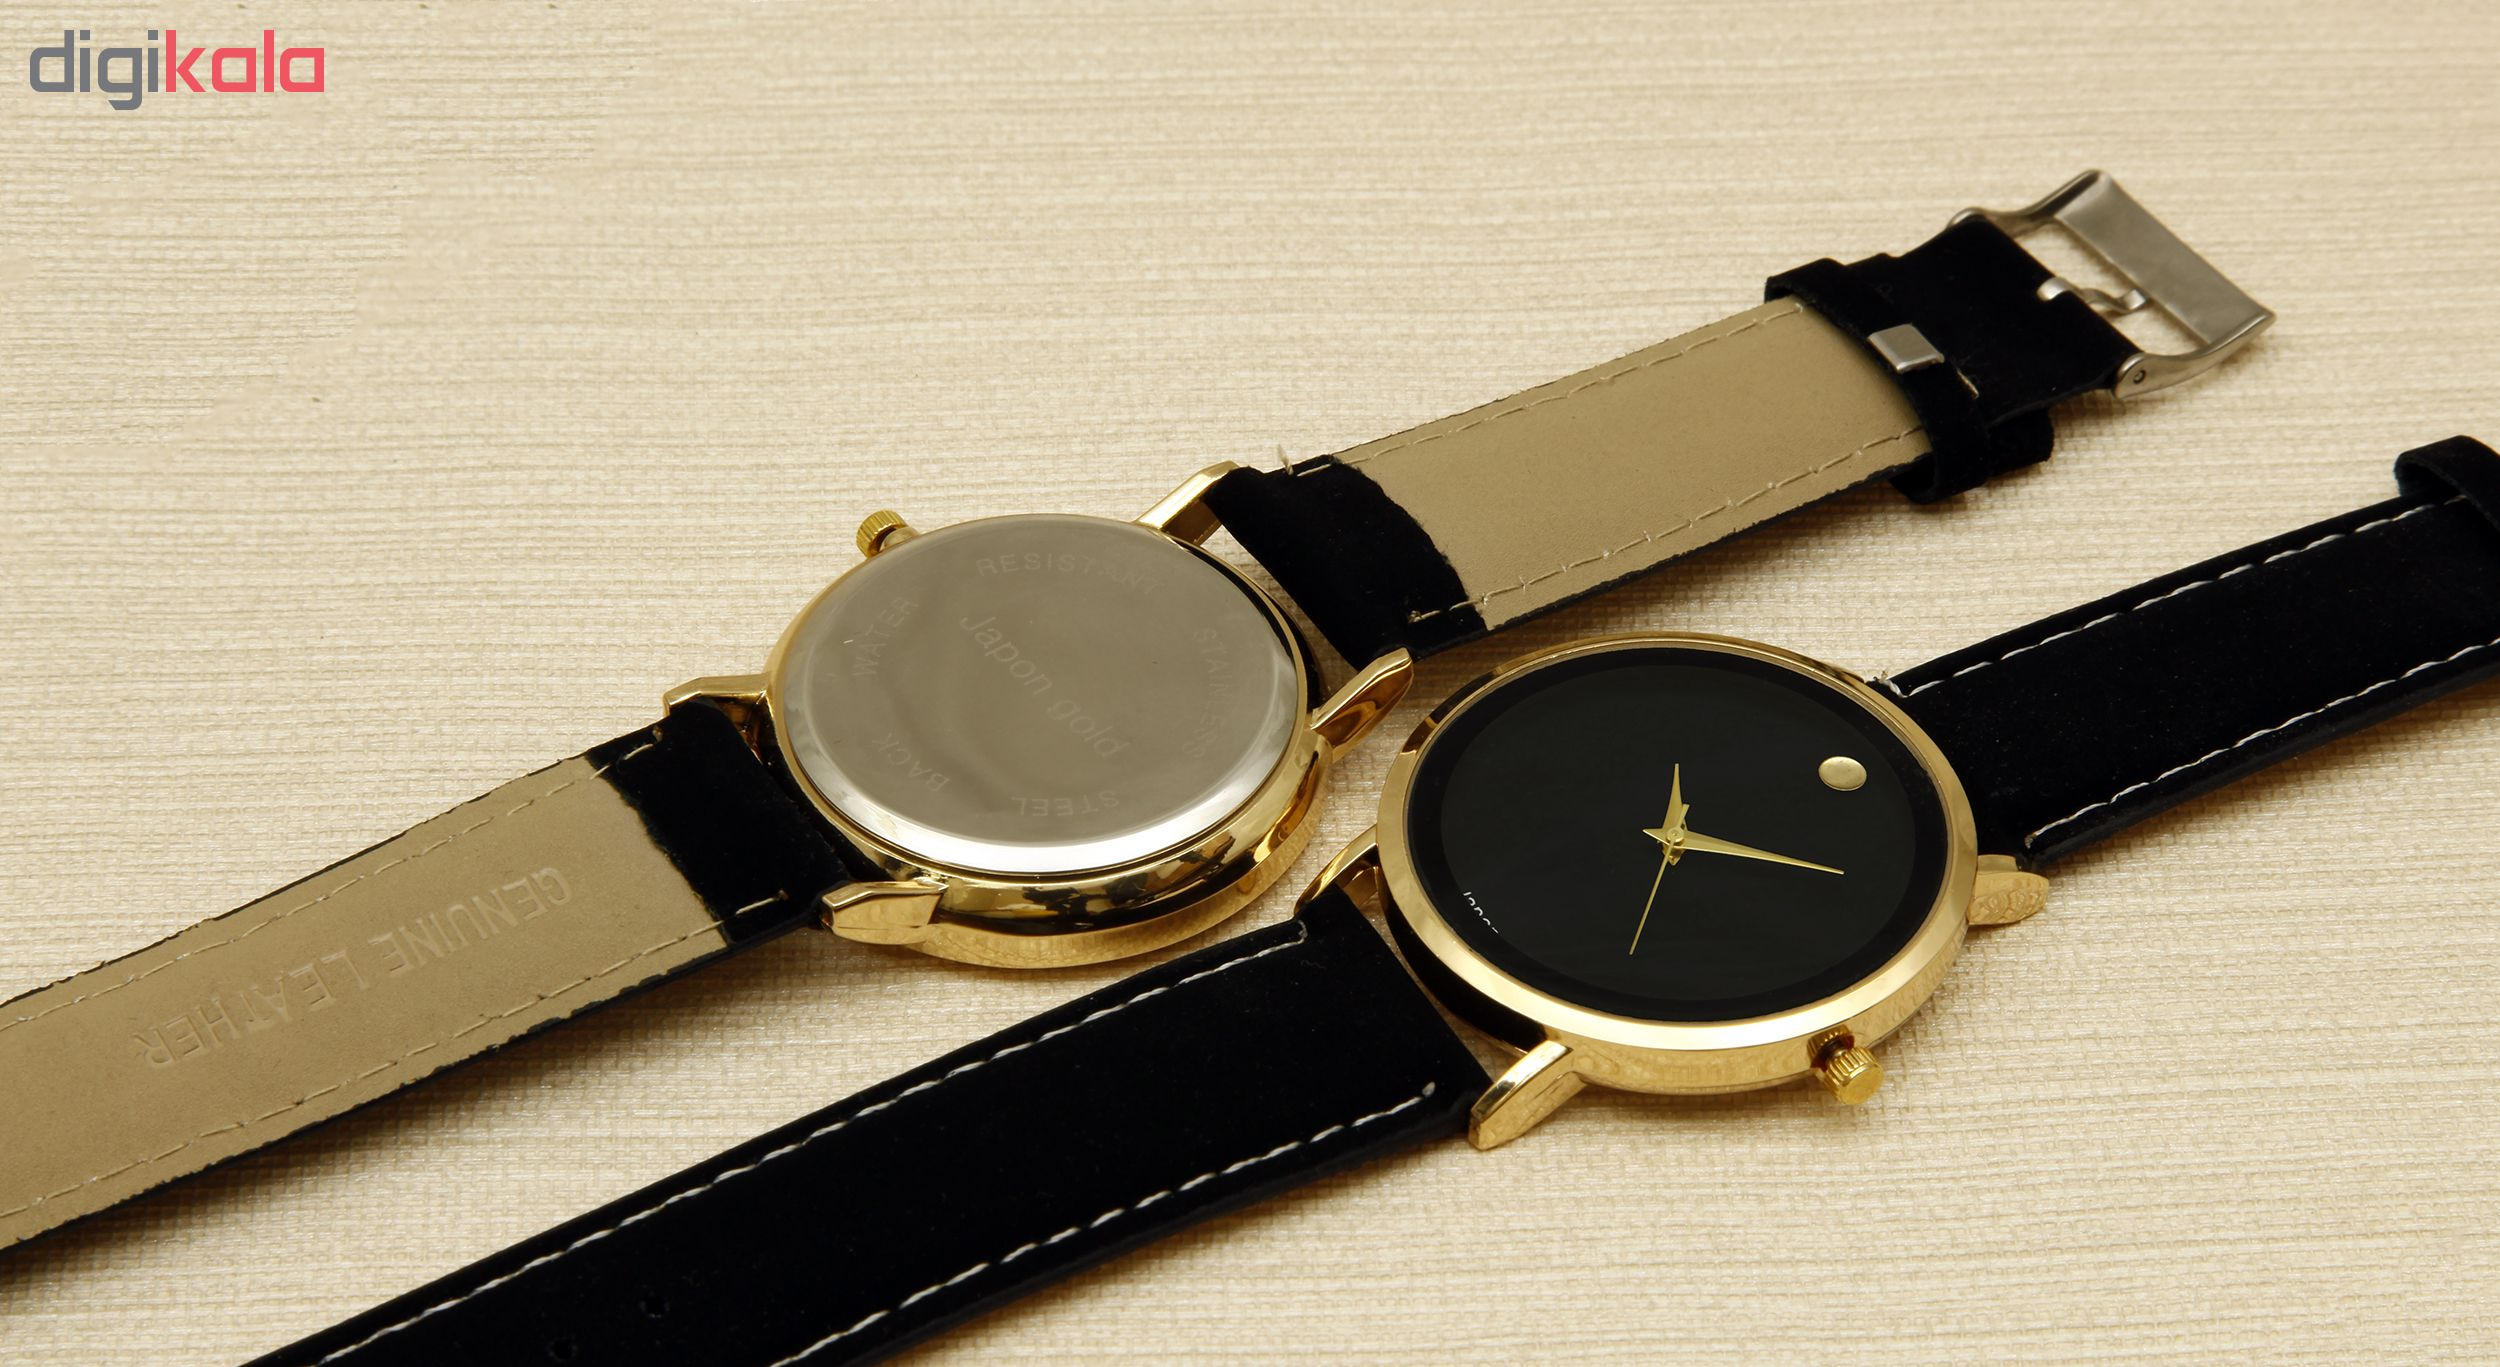 ساعت مچی عقربه ای ژاپن گلد مدل GS-P1800